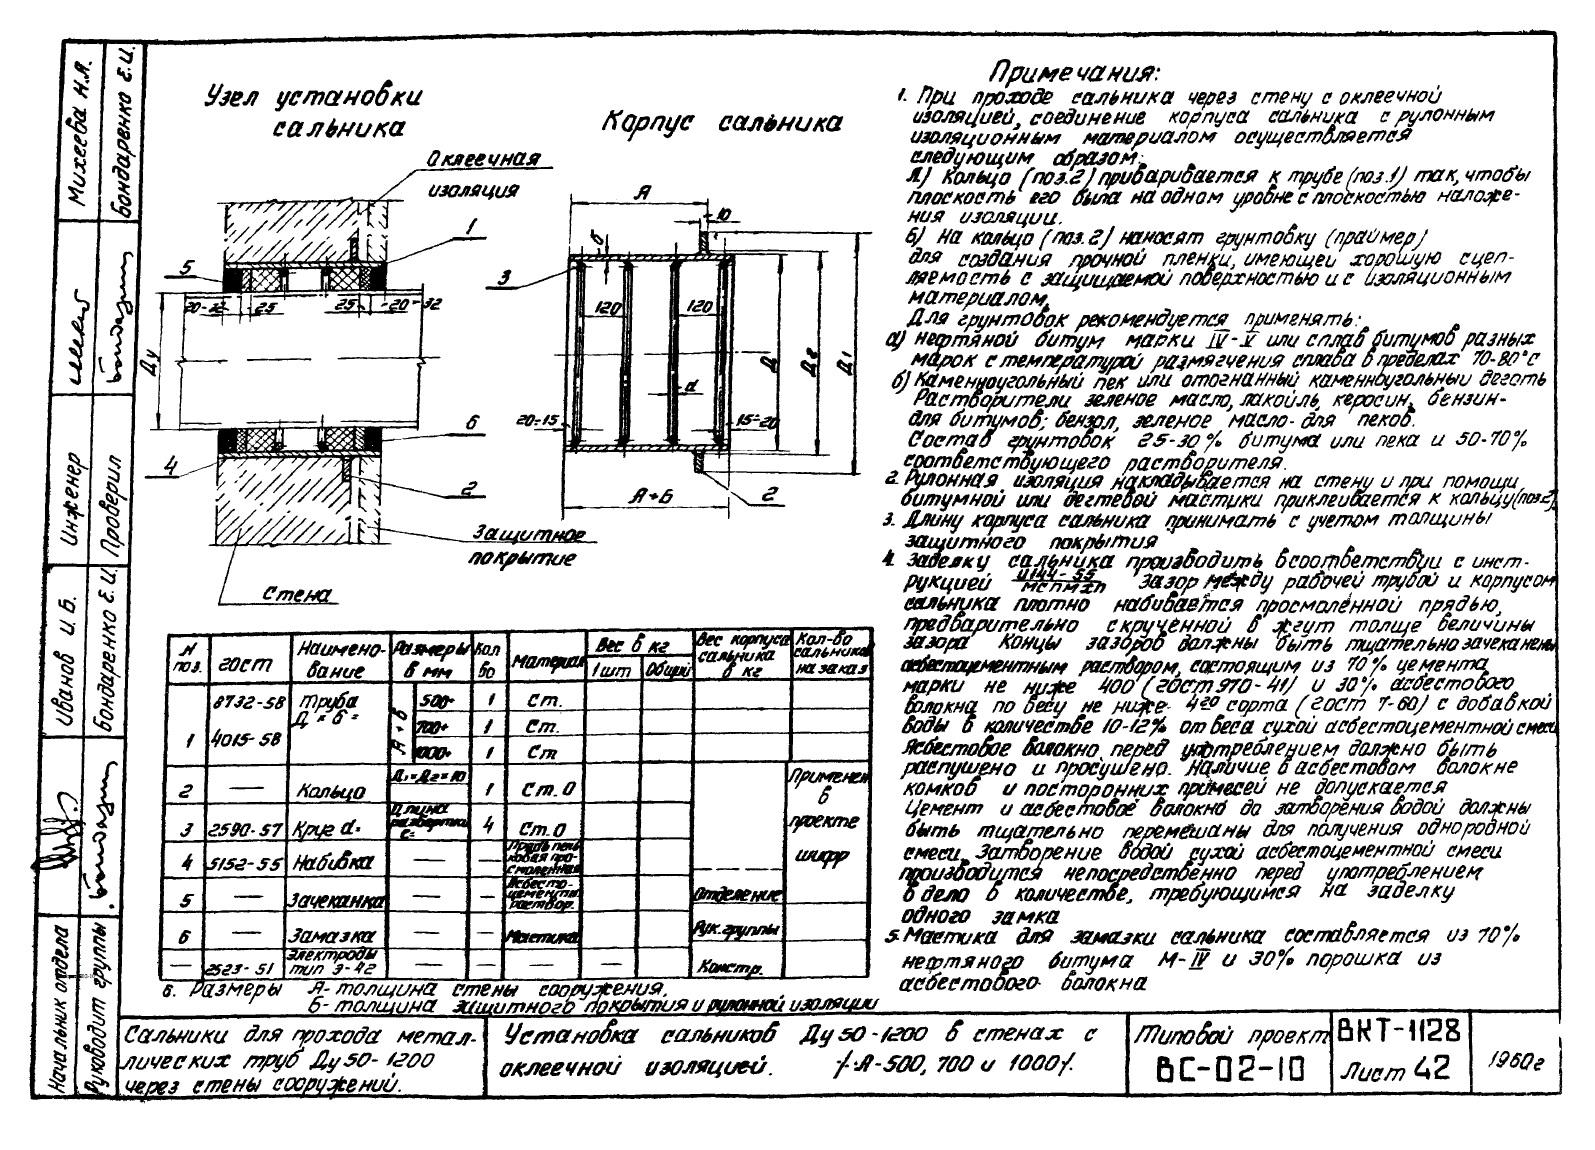 Сальники набивные L = 700 мм типовой проект ВС-02-10 стр.20